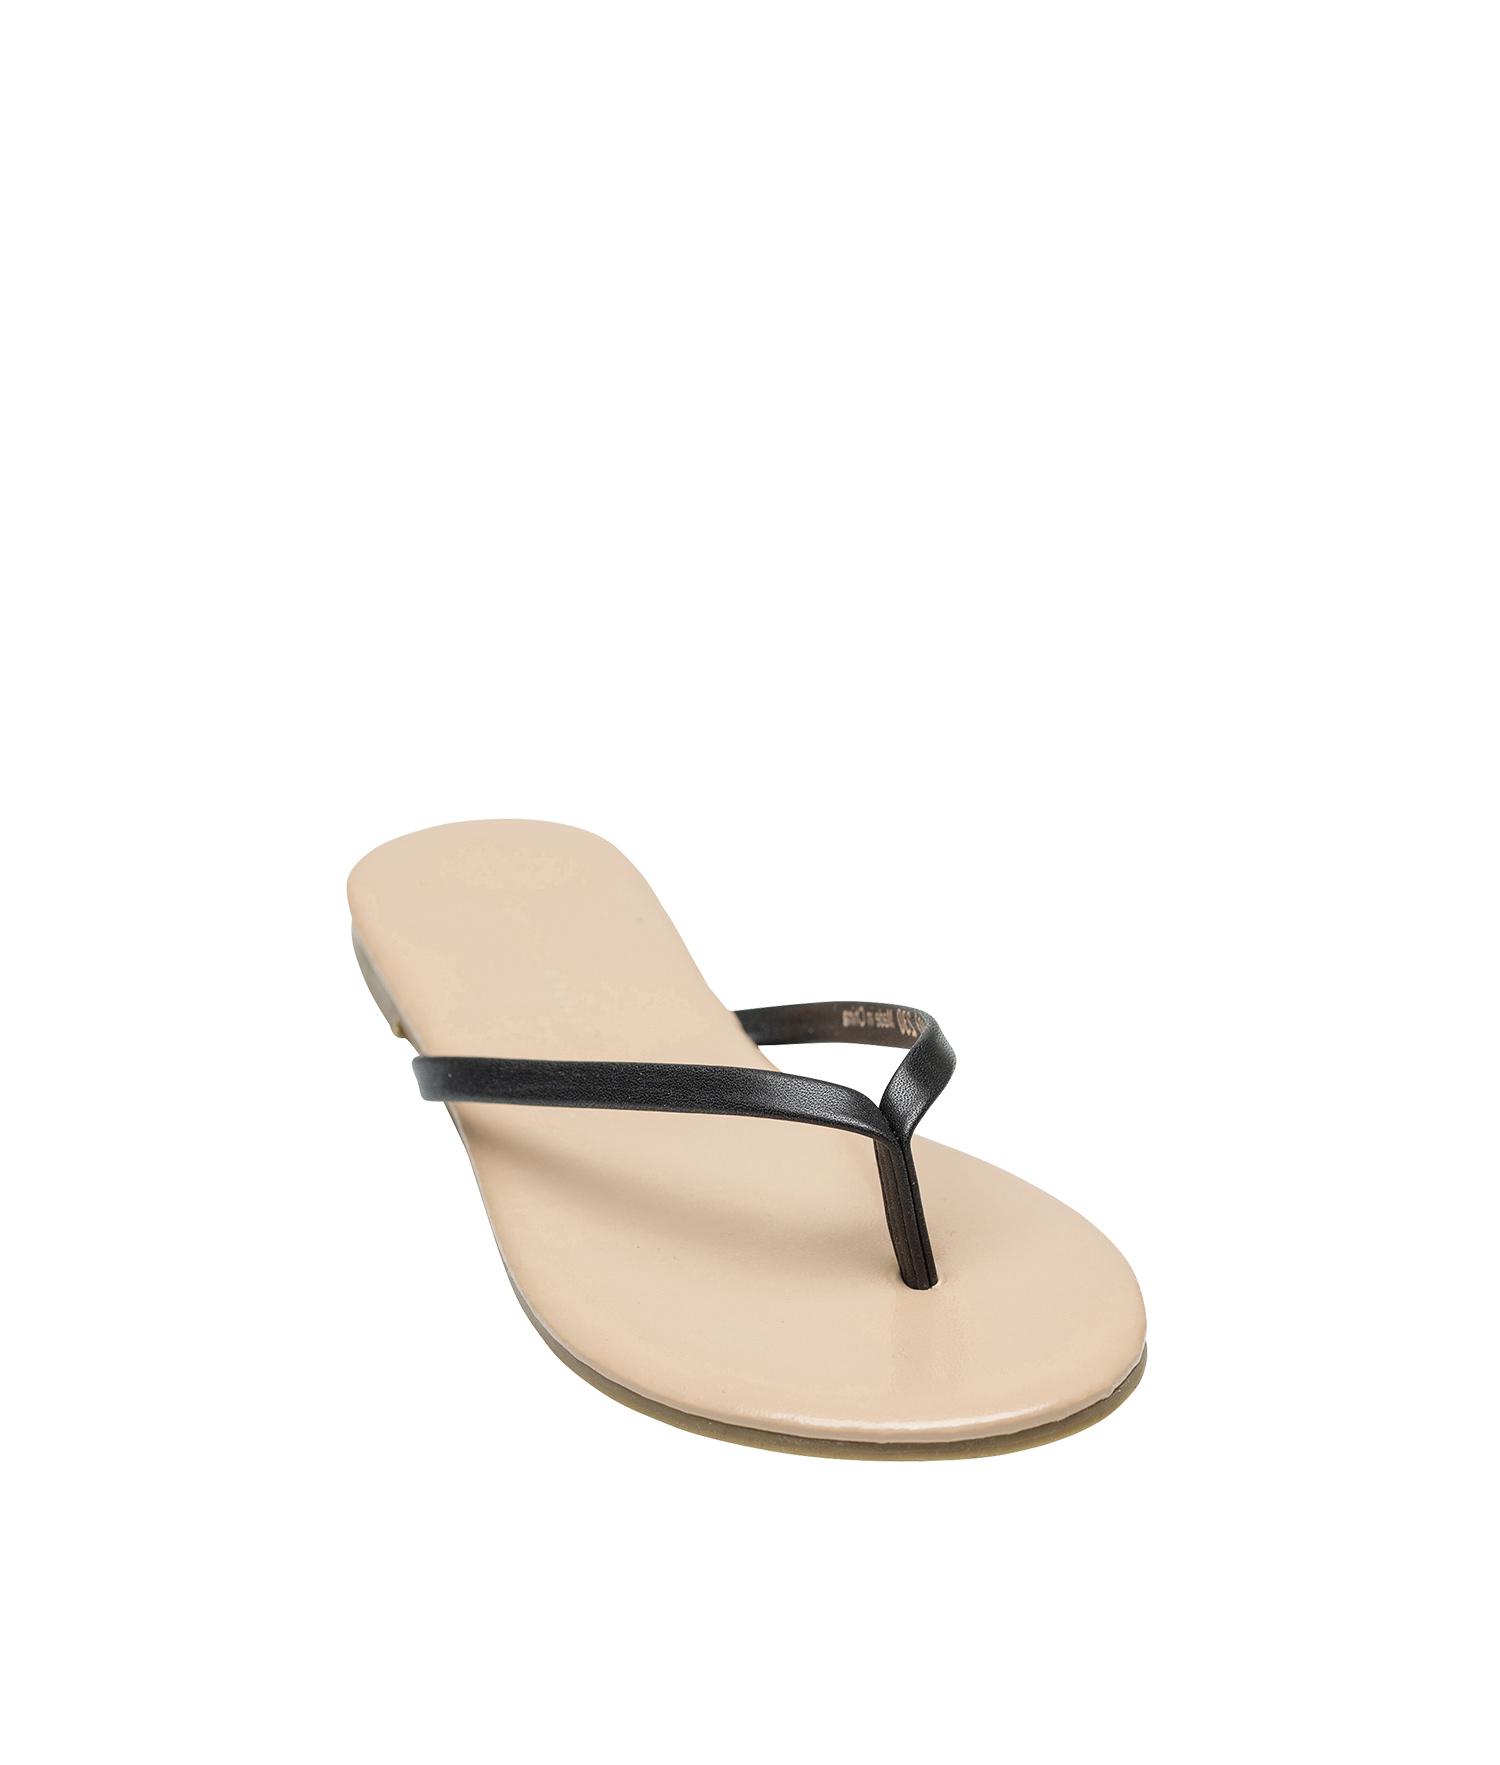 68a78faca AnnaKastle Womens Dorie Simple Flip Flop Shoes Black